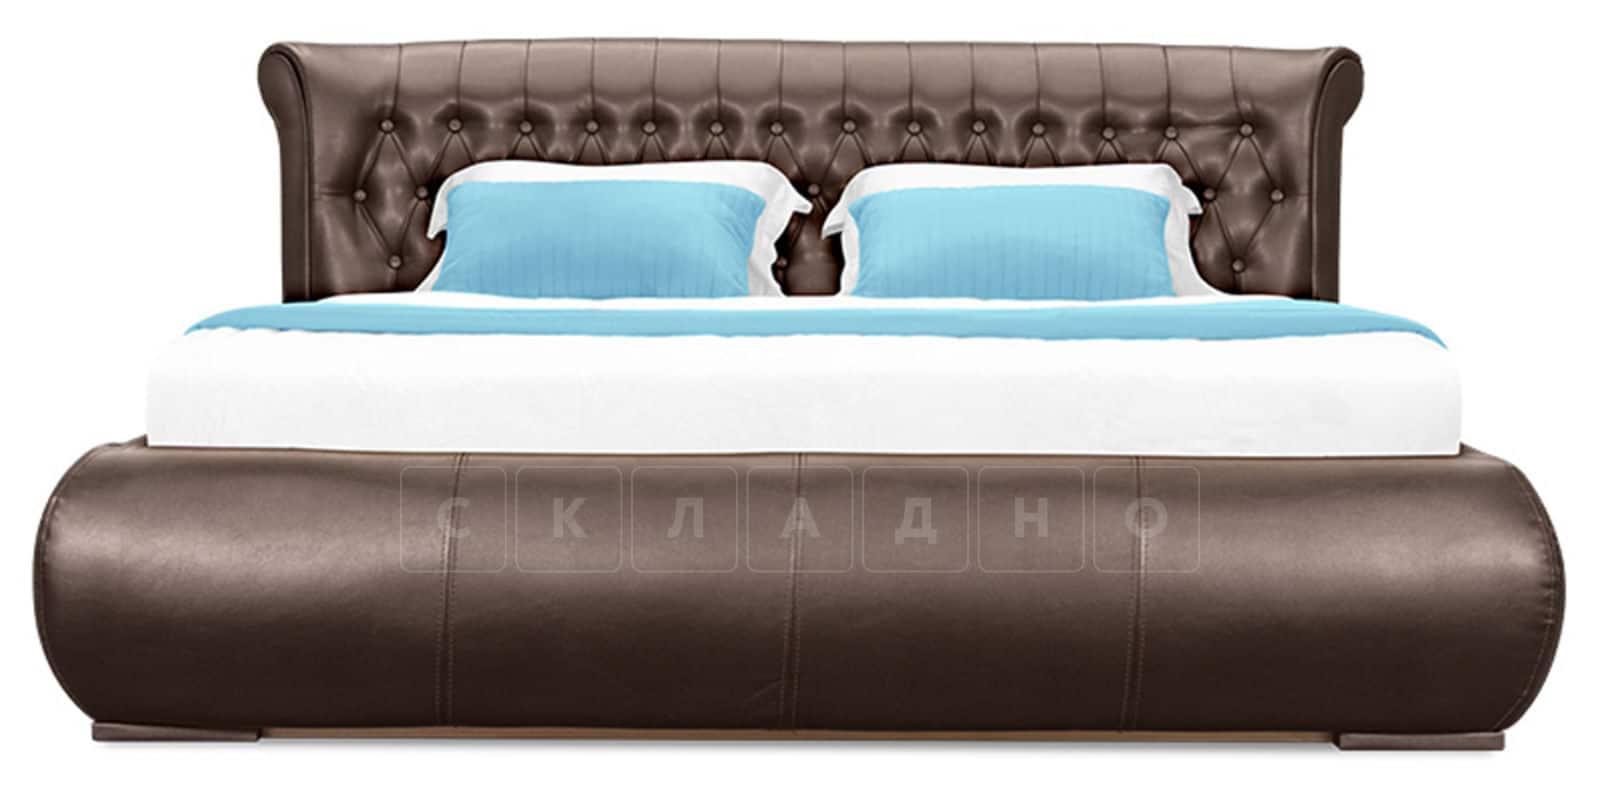 Мягкая кровать Вирджиния 160см экокожа шоколадного цвета фото 2 | интернет-магазин Складно